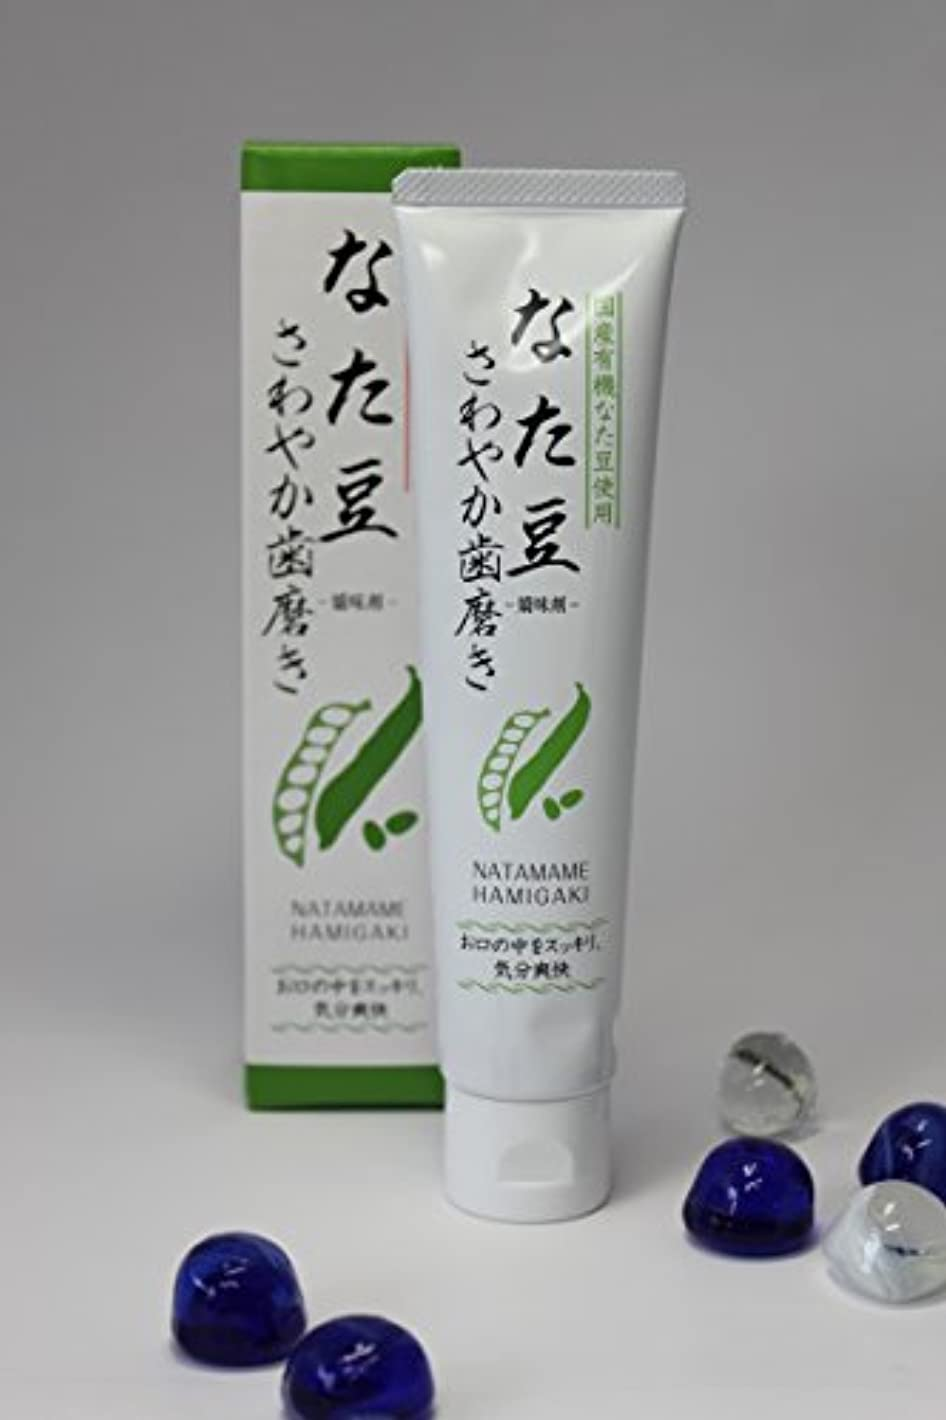 枕違反する逆さまにアスカ(大阪) なた豆さわやか歯磨き 120g